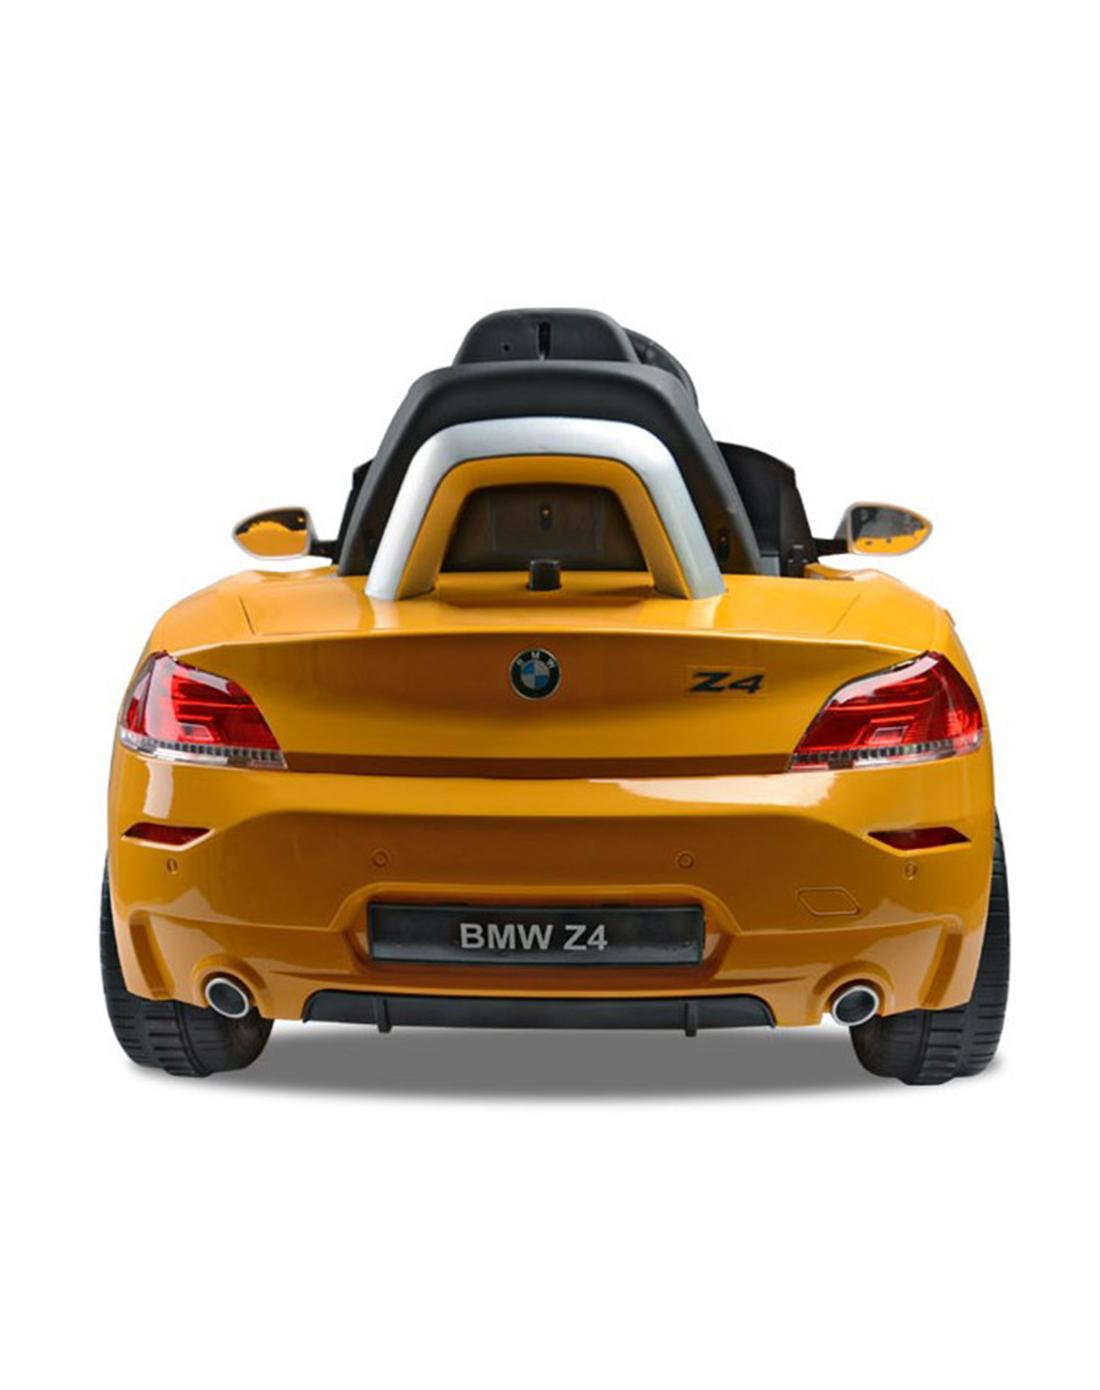 bmw-z4-yellow_b